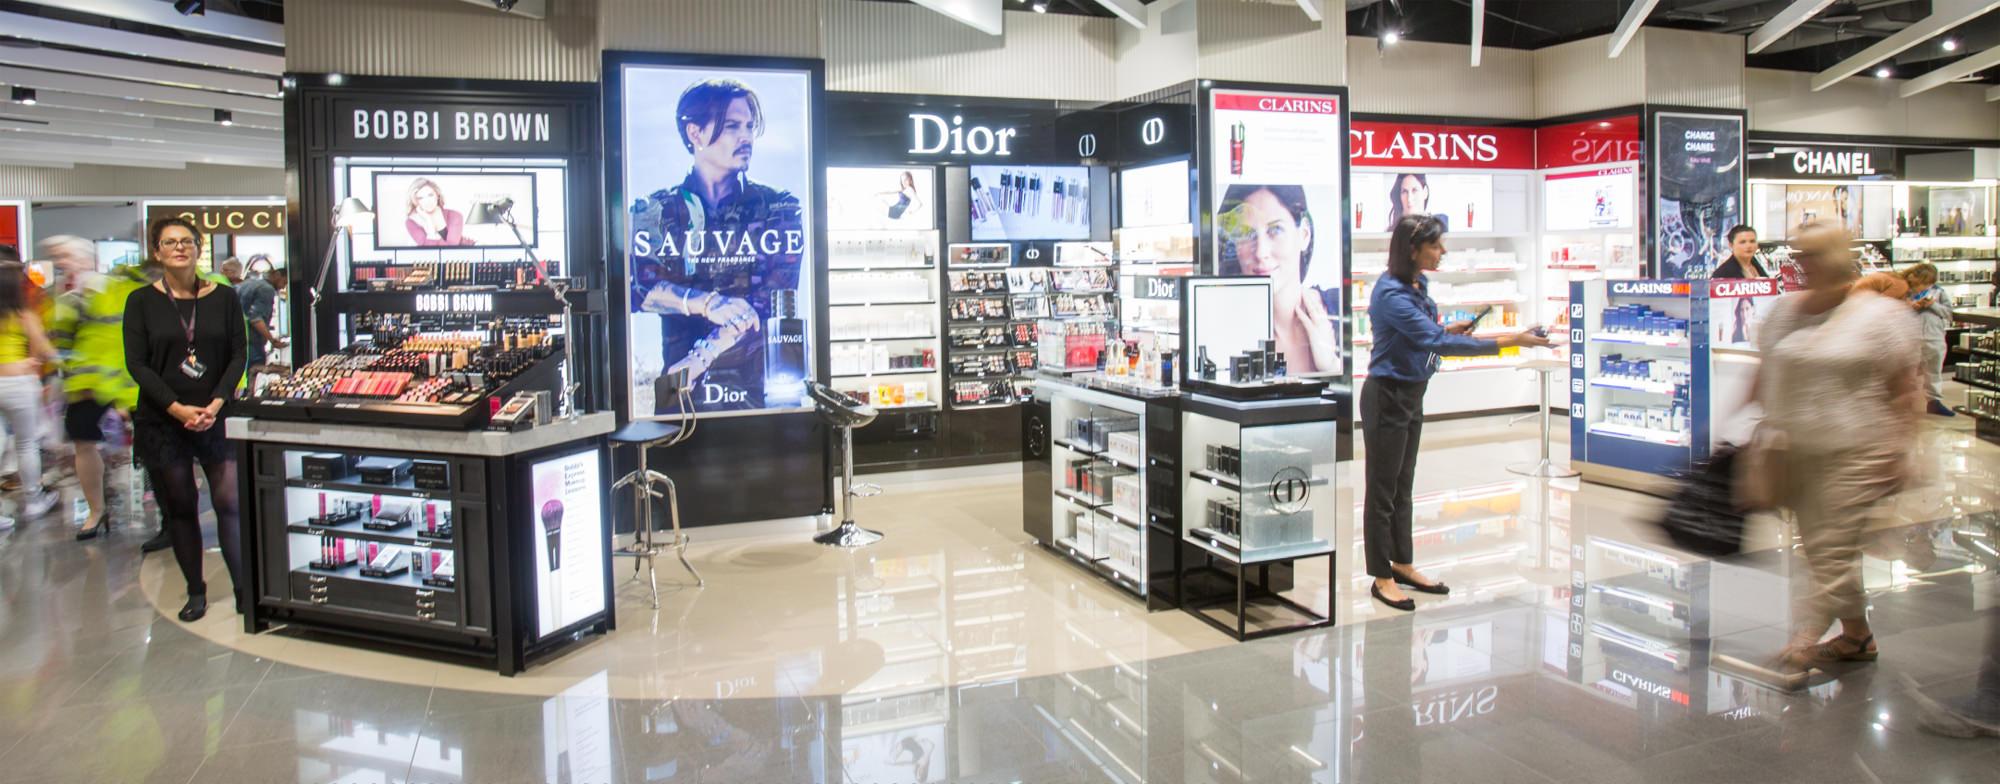 Makeup Counter Mugeek Vidalondon